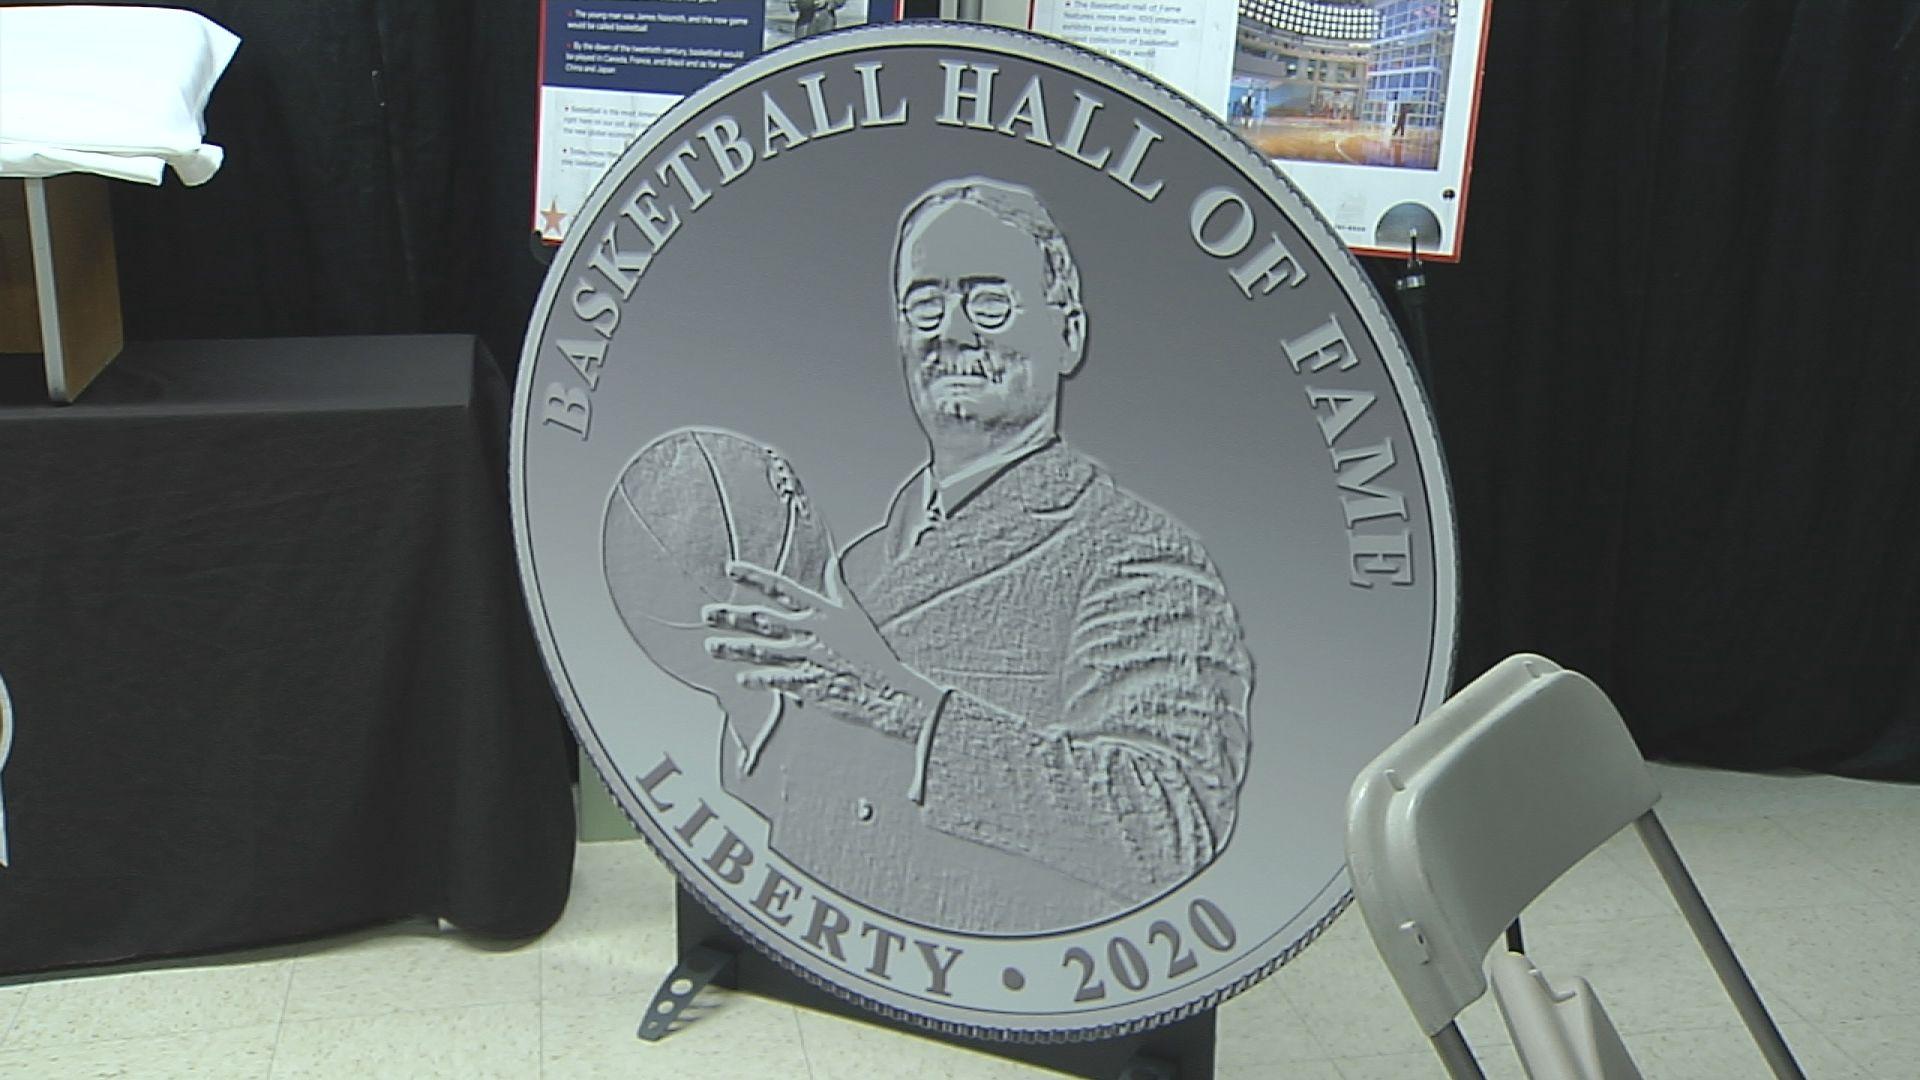 basketball hall of fame coin.jpg